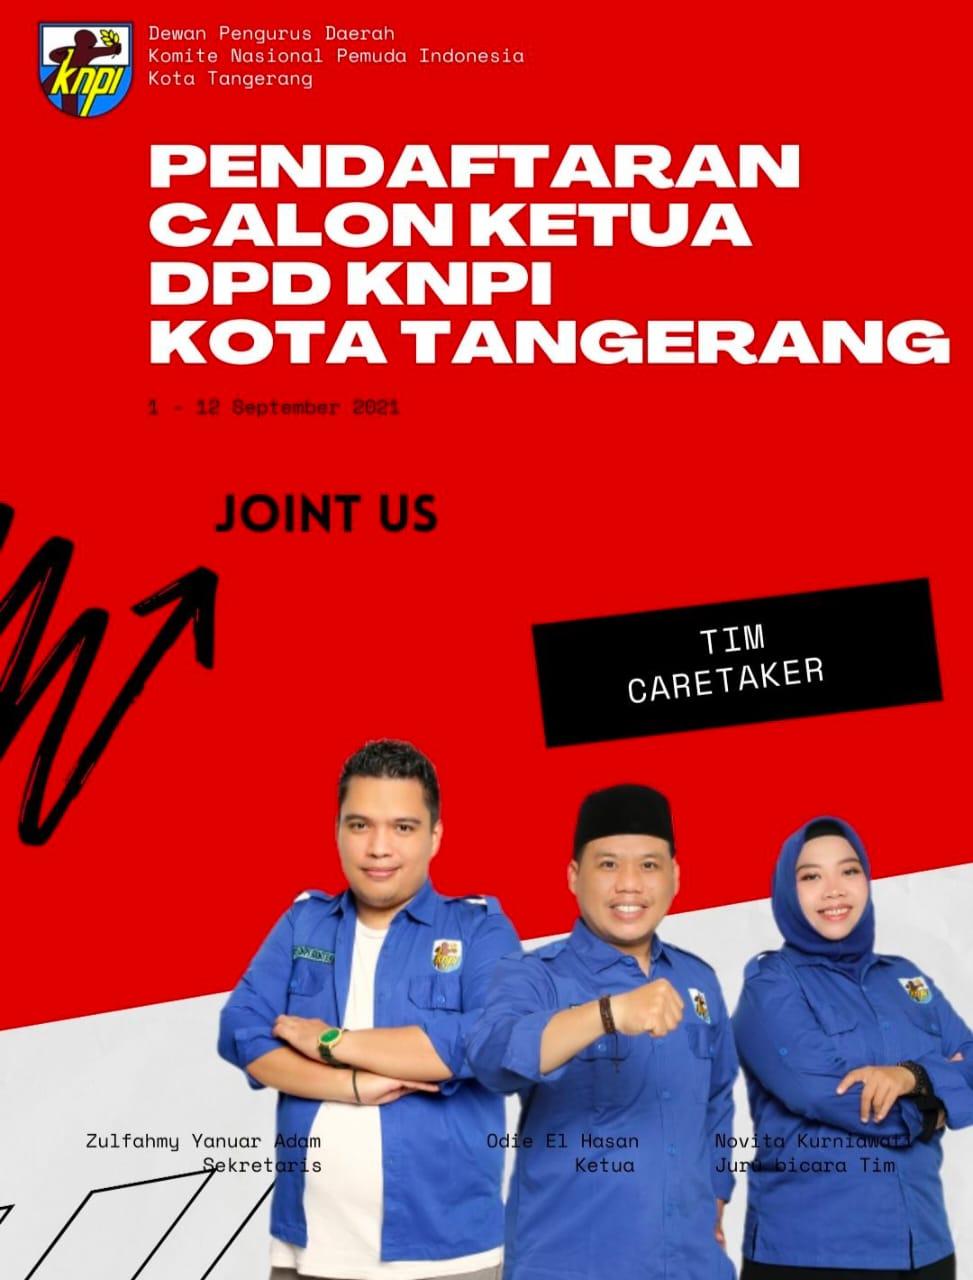 Gambar Pendaftaran Calon Ketua DPD KNPI Kota Tangerang Dibuka Mulai Hari Ini 15